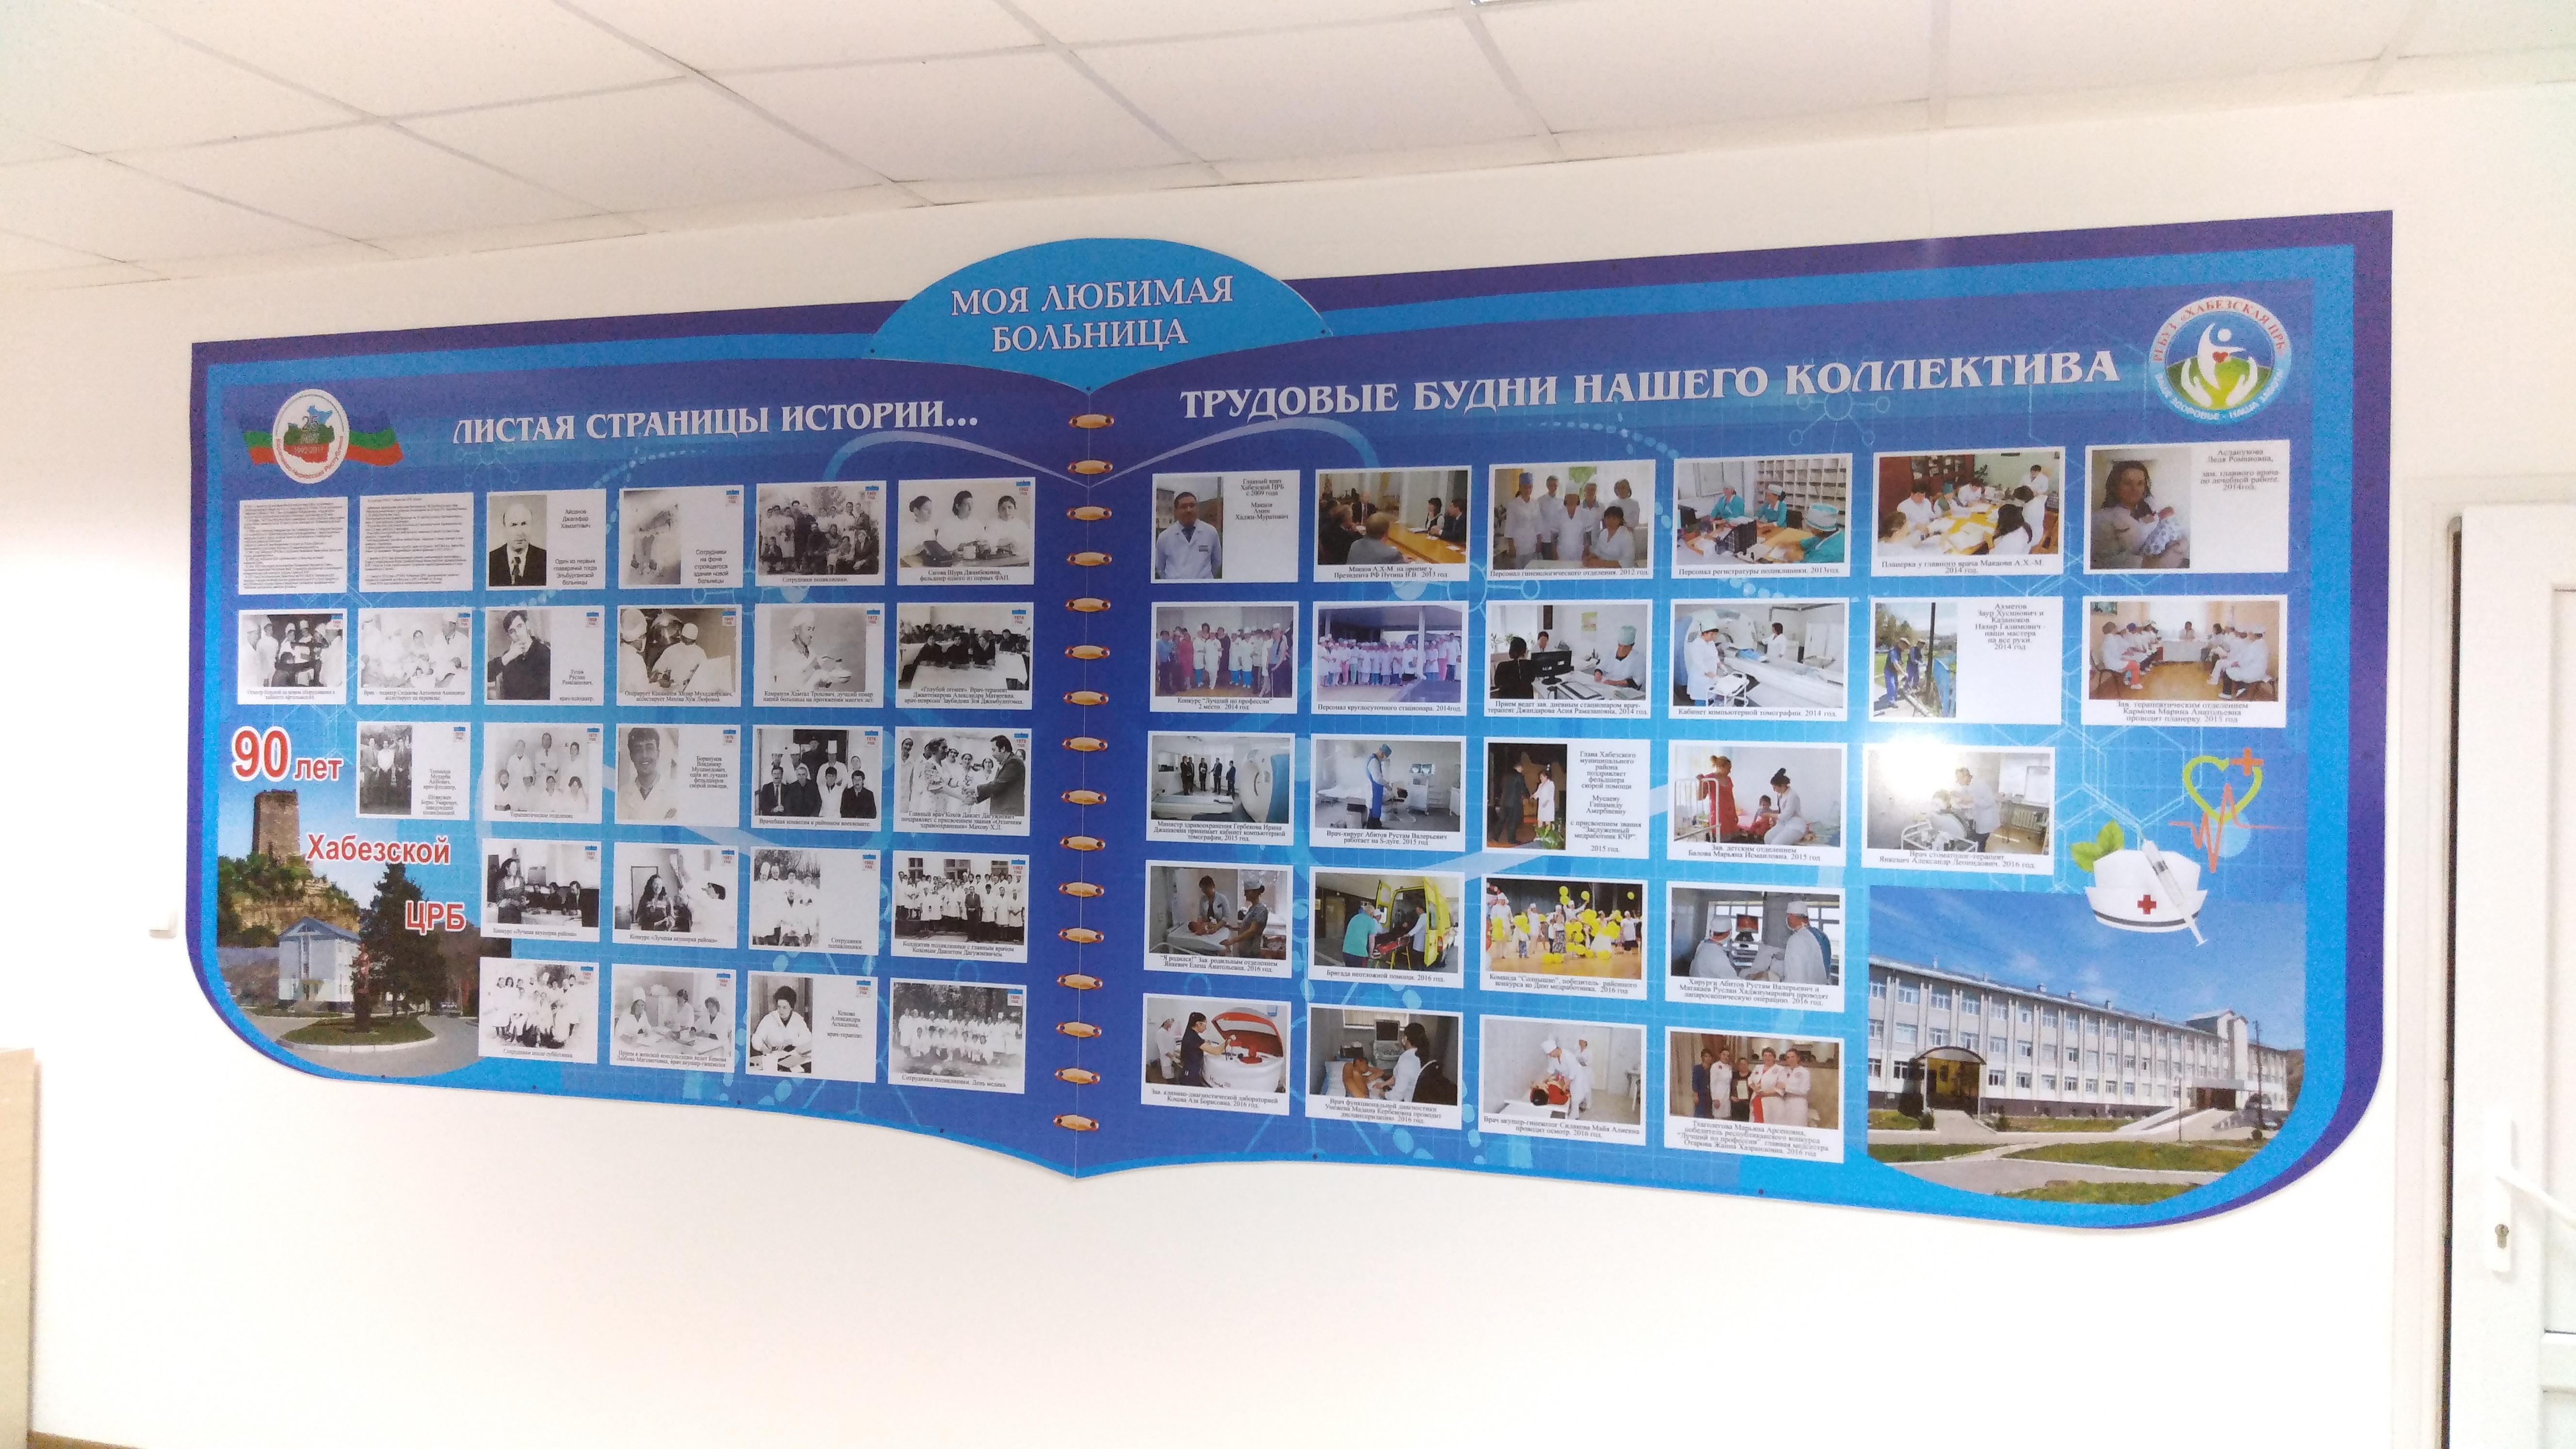 Поликлиника 5 белгорода официальный сайт